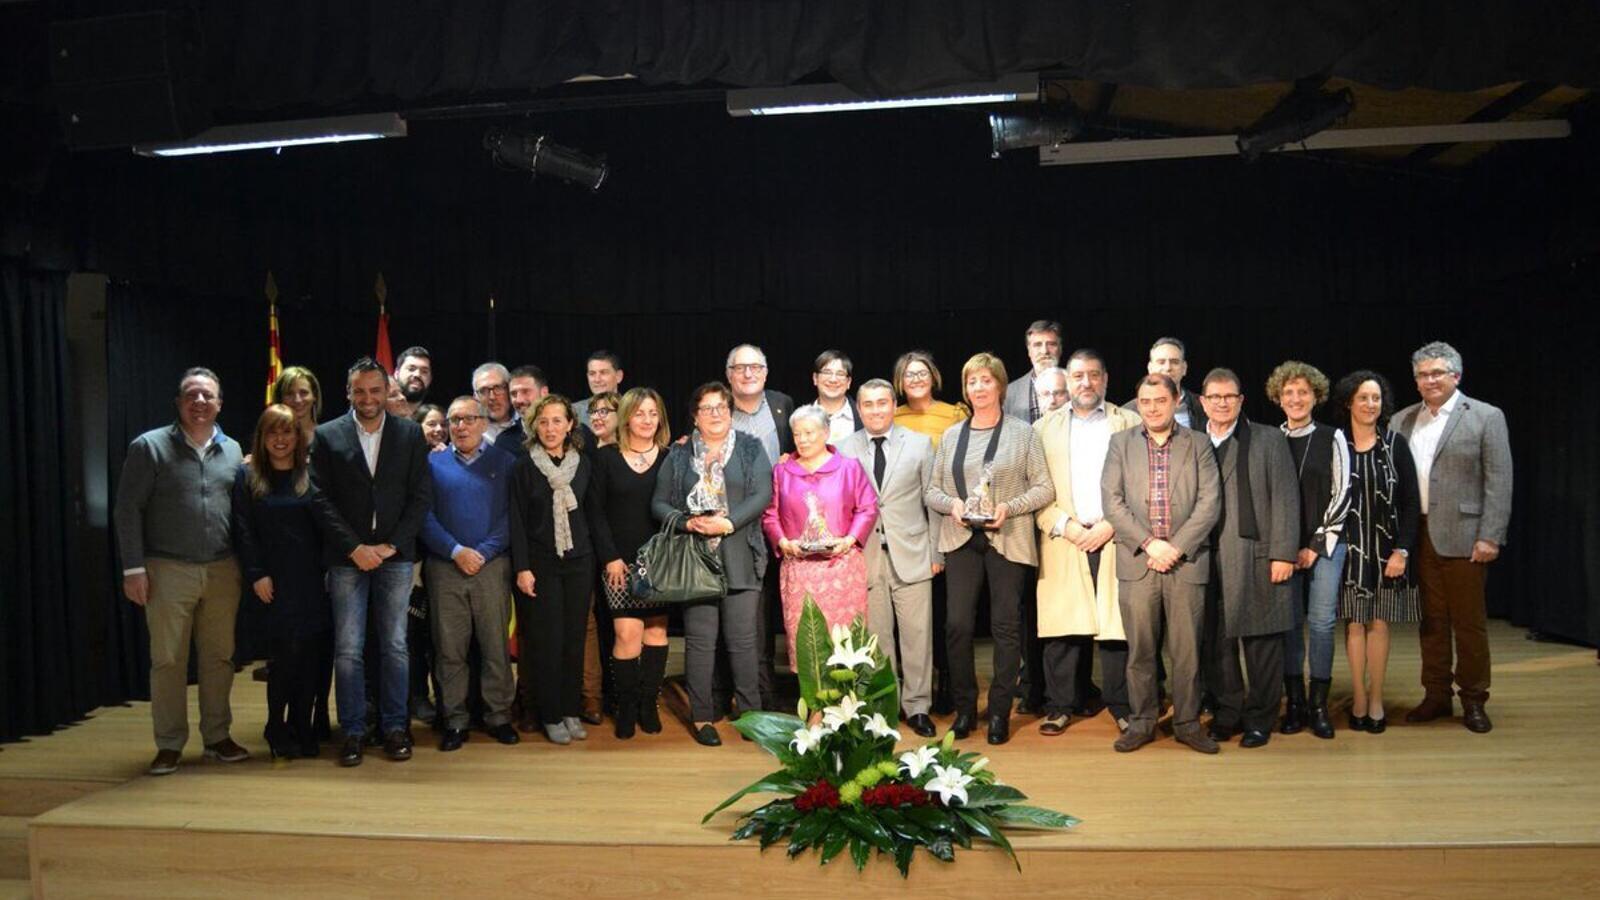 Inca premia Mercedes Lara, Joan Sastre i la merceria La Florida per la seva aportació a la ciutat